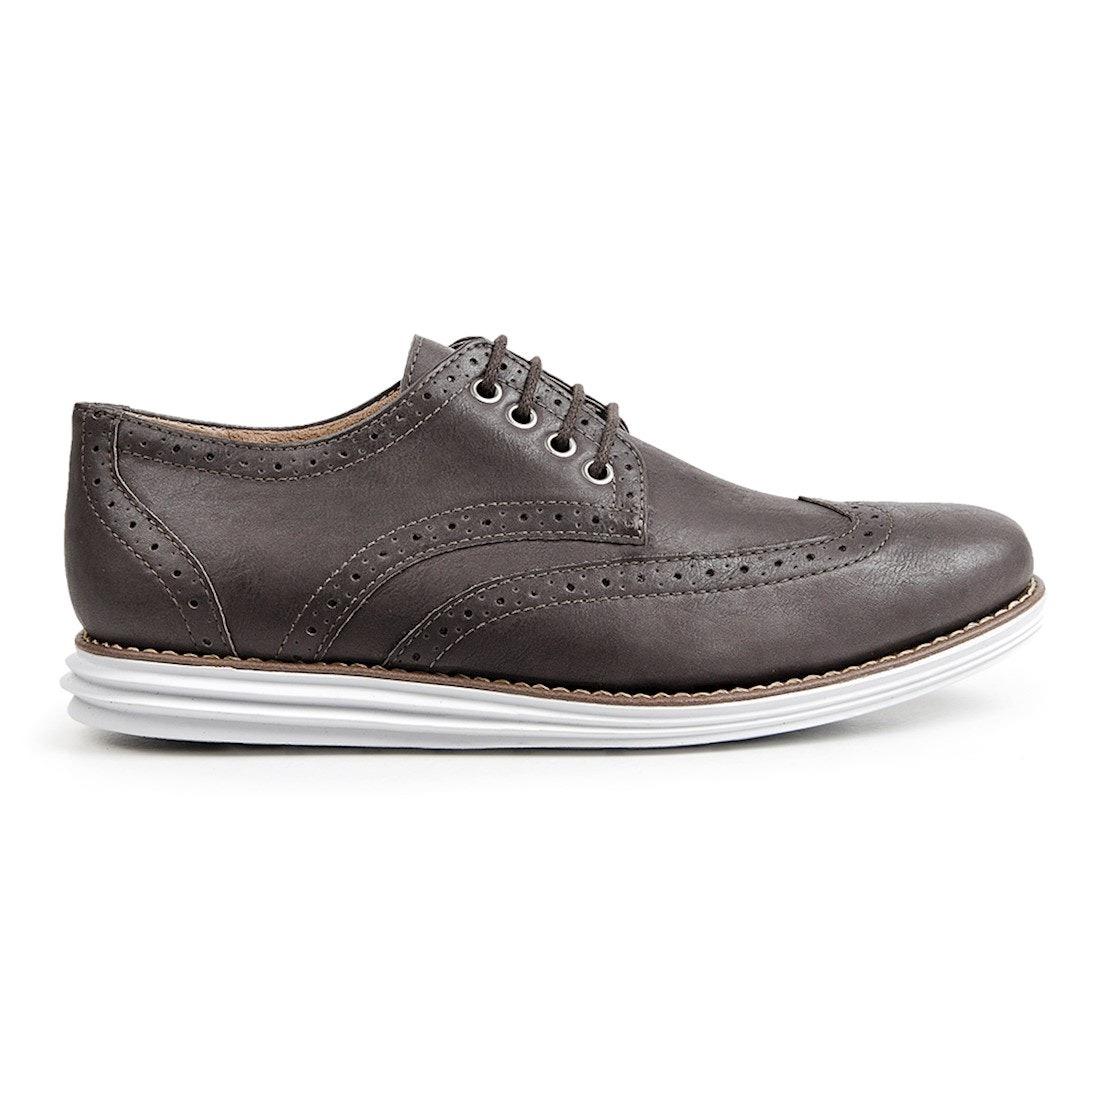 ede8d58653 sapato esporte fino masculino oxford sandro moscoloni creed. Carregando  zoom.